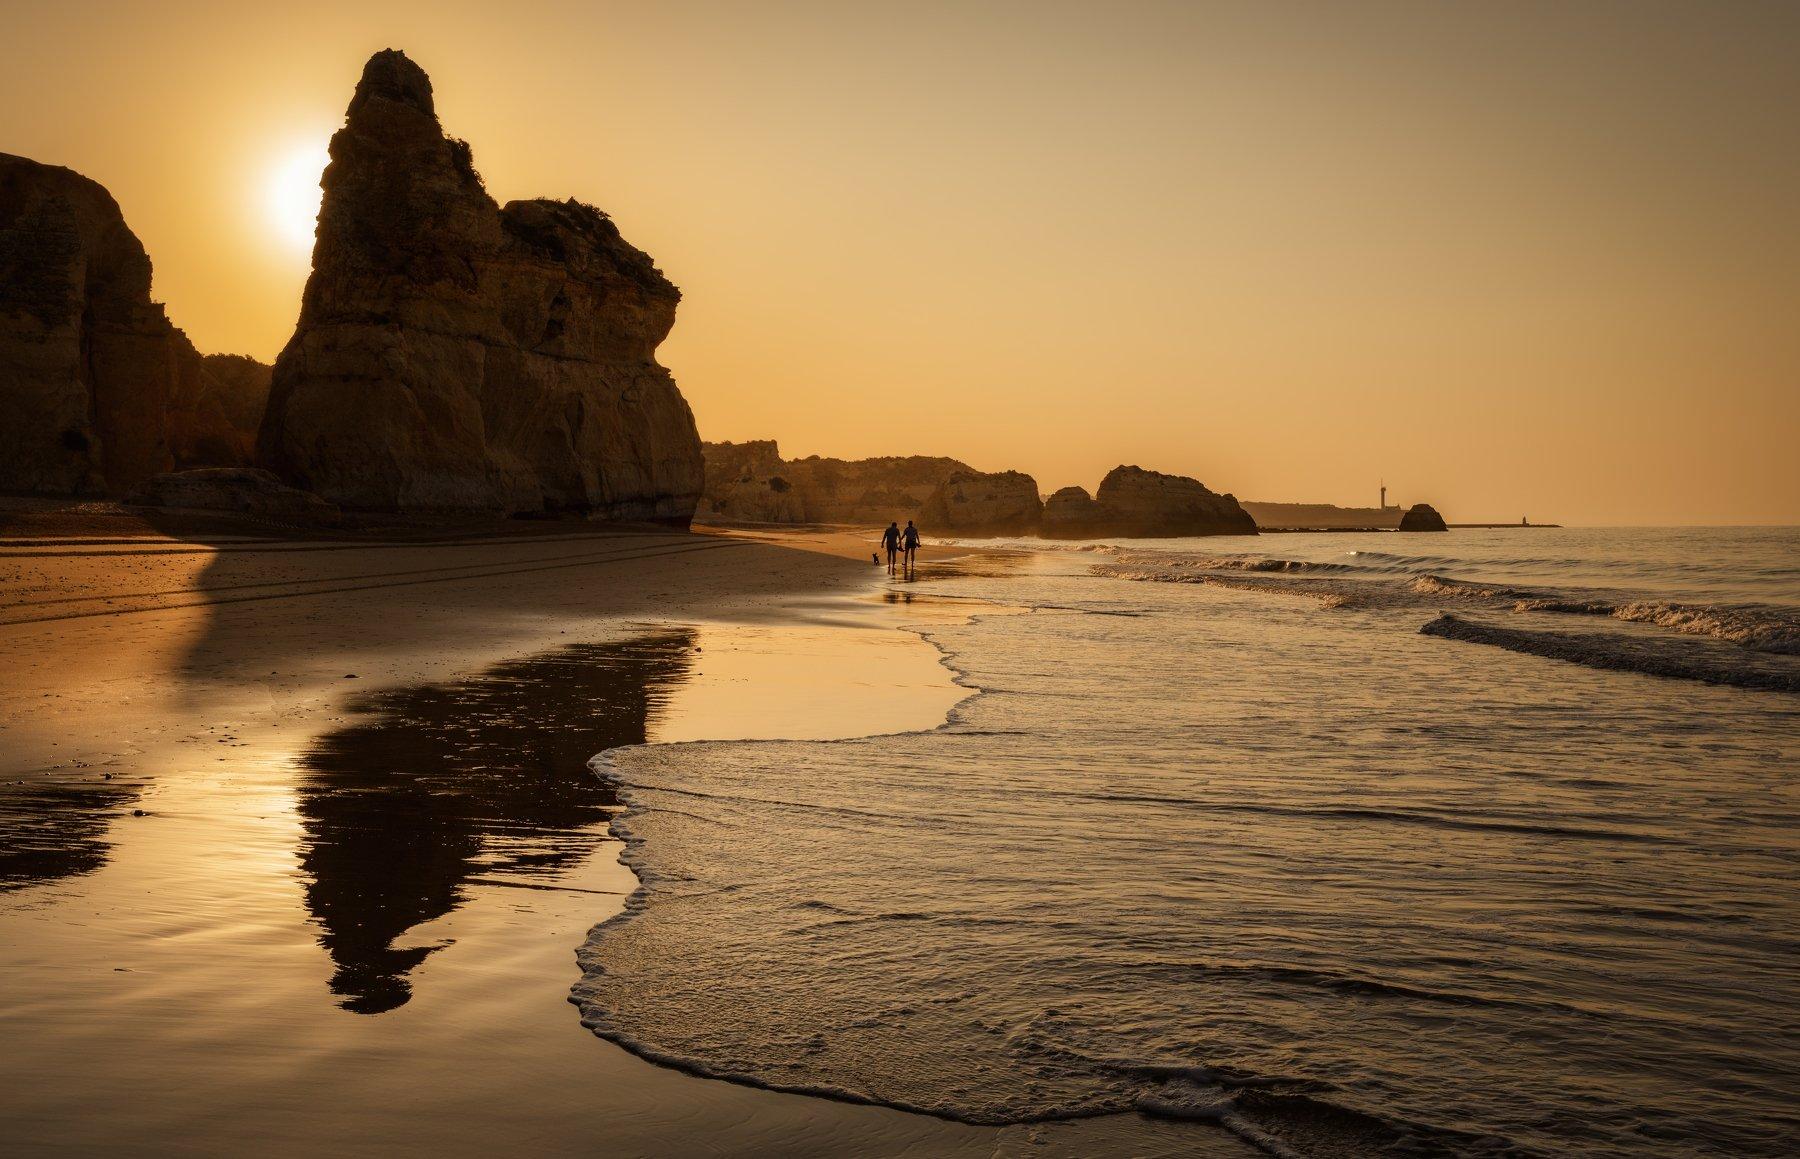 пляж, океан, рассвет, Alexandr Bezmolitvenny